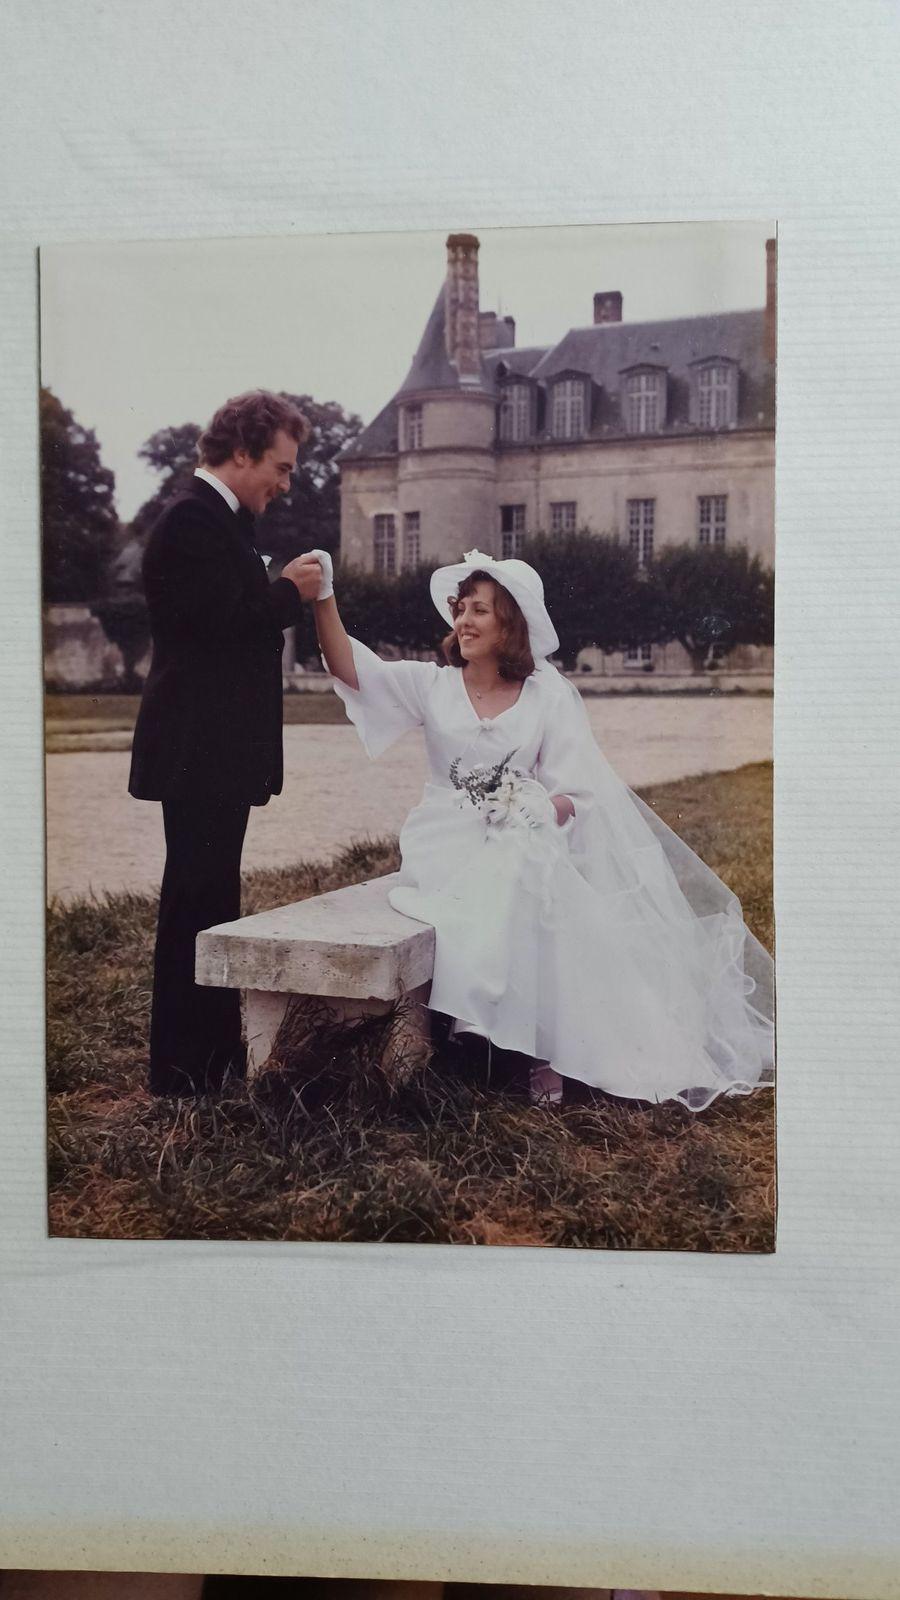 44ans aujourd'hui que nous sommes mariés  et noce d etain pour  Aline et dimitri qui fêtent leur 10 ans aussi aujourd hui